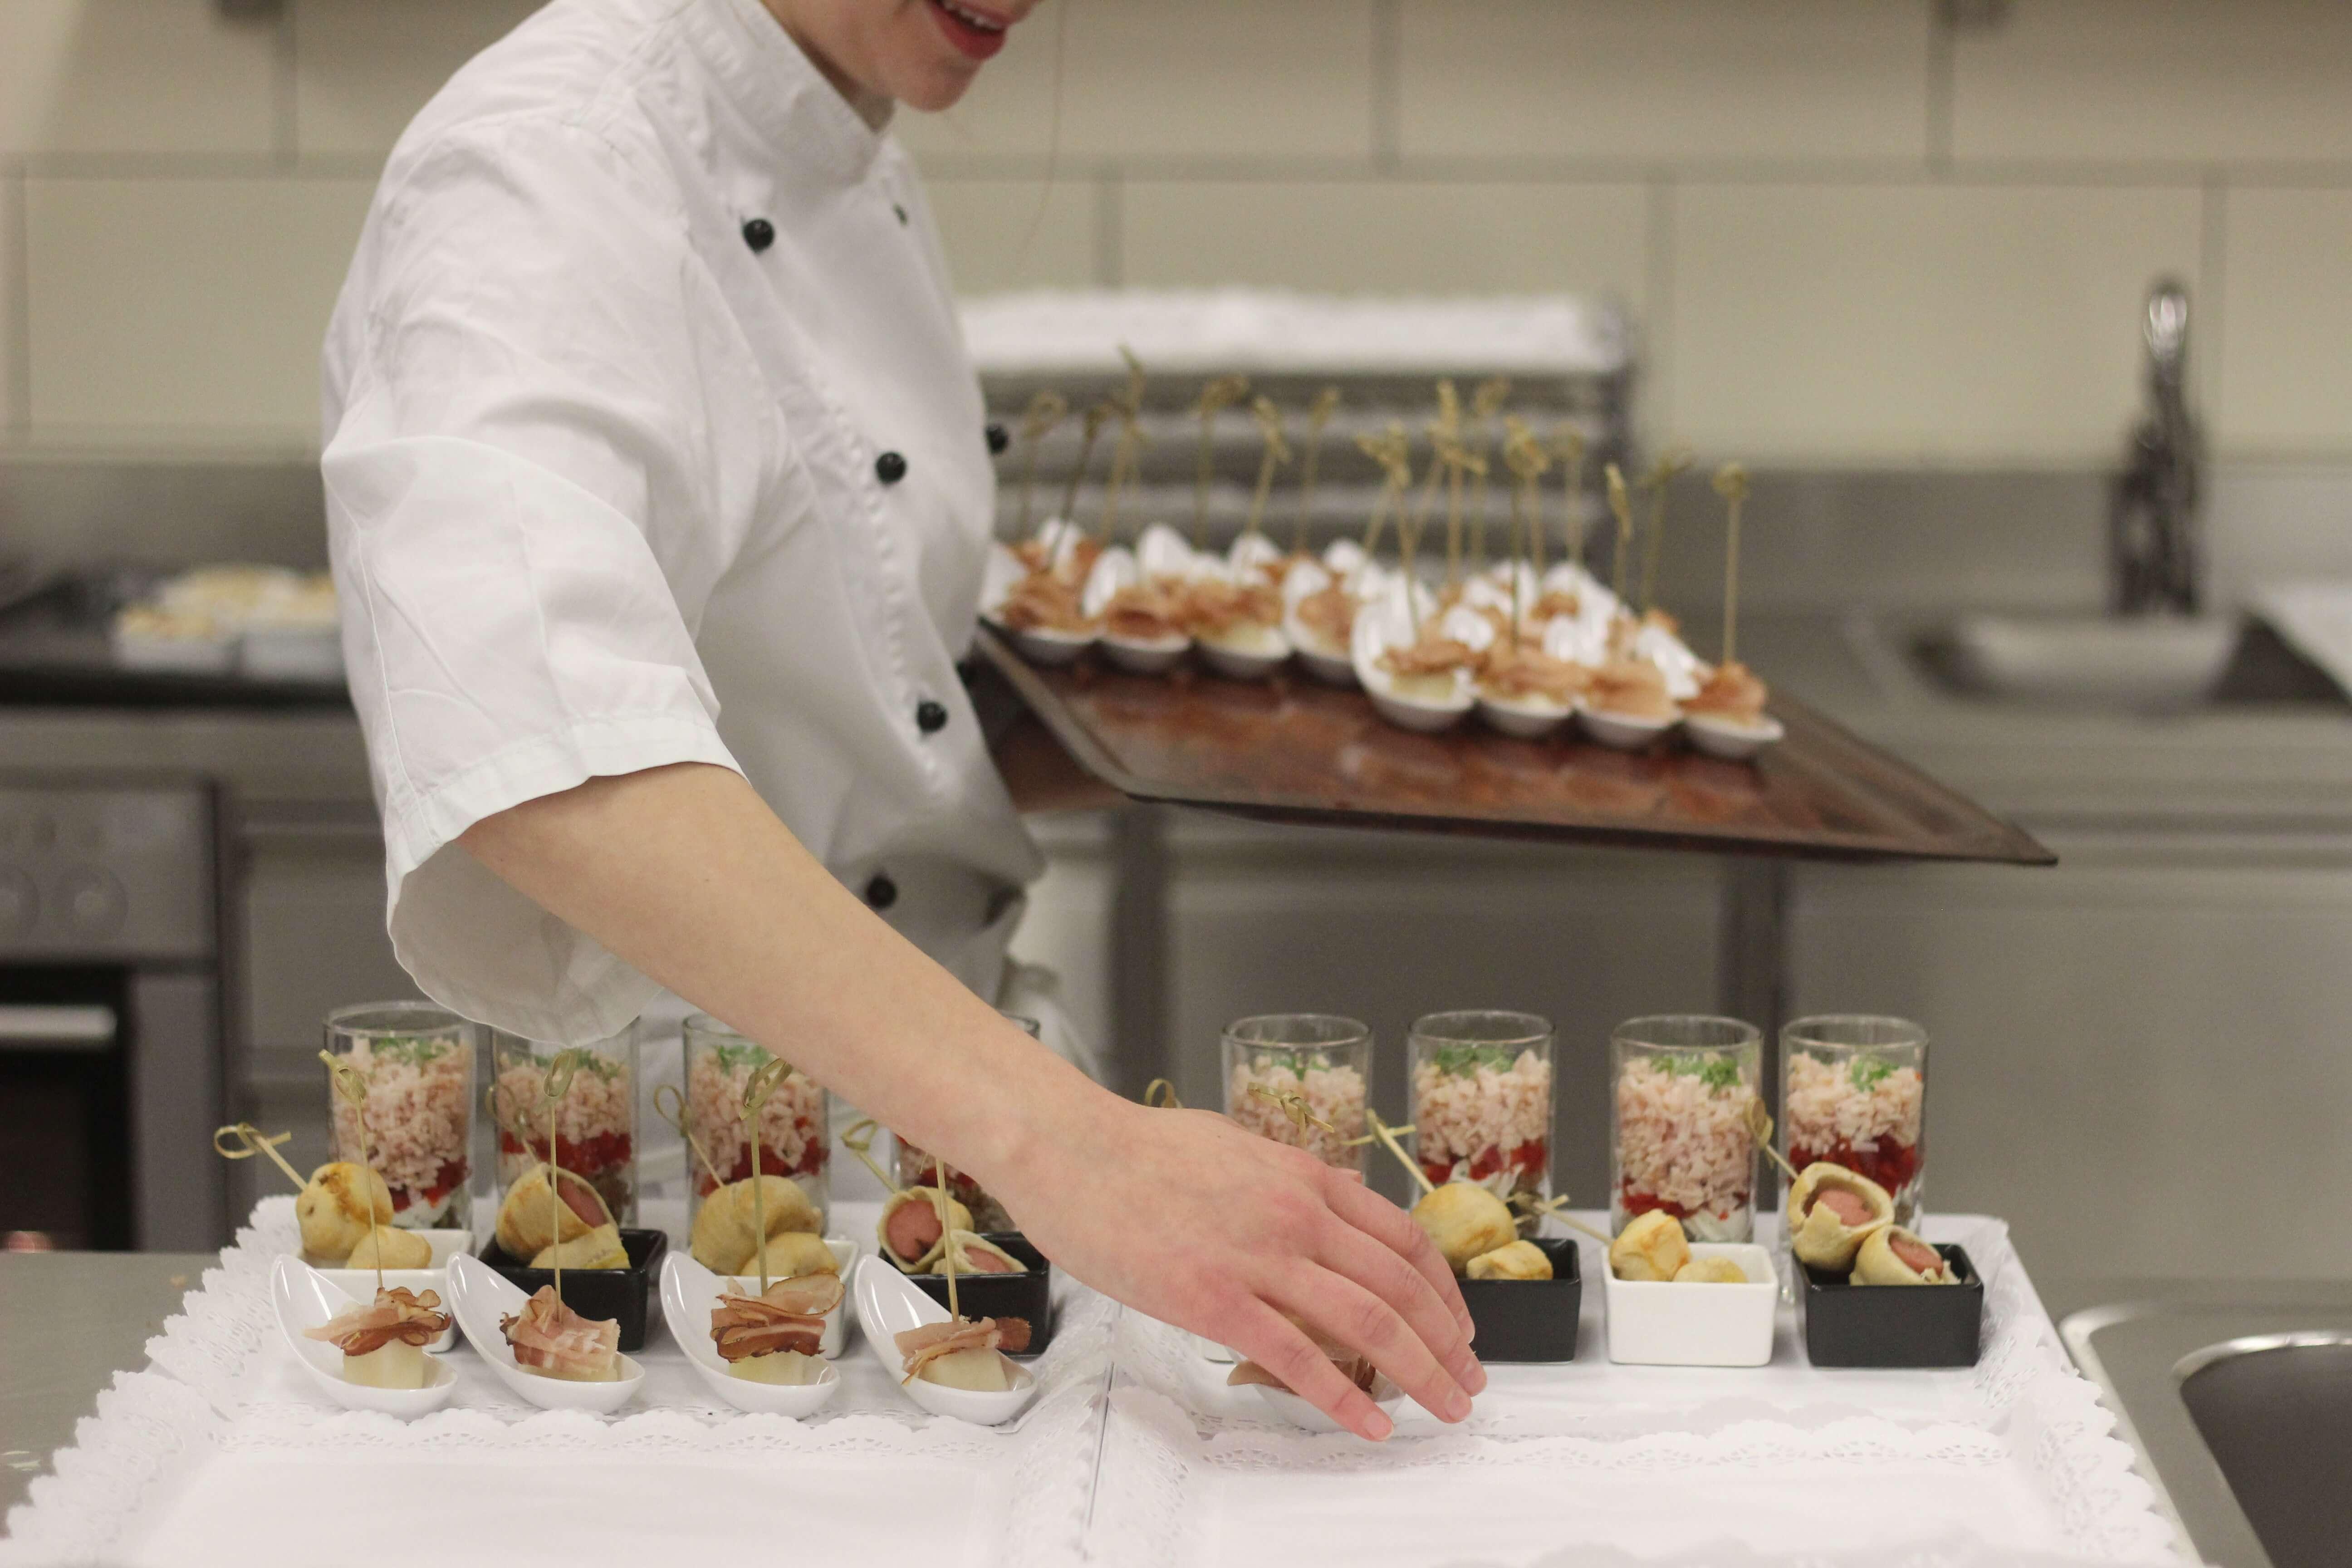 Existenzgründung in der Gastronomie: Die Grundausstattung